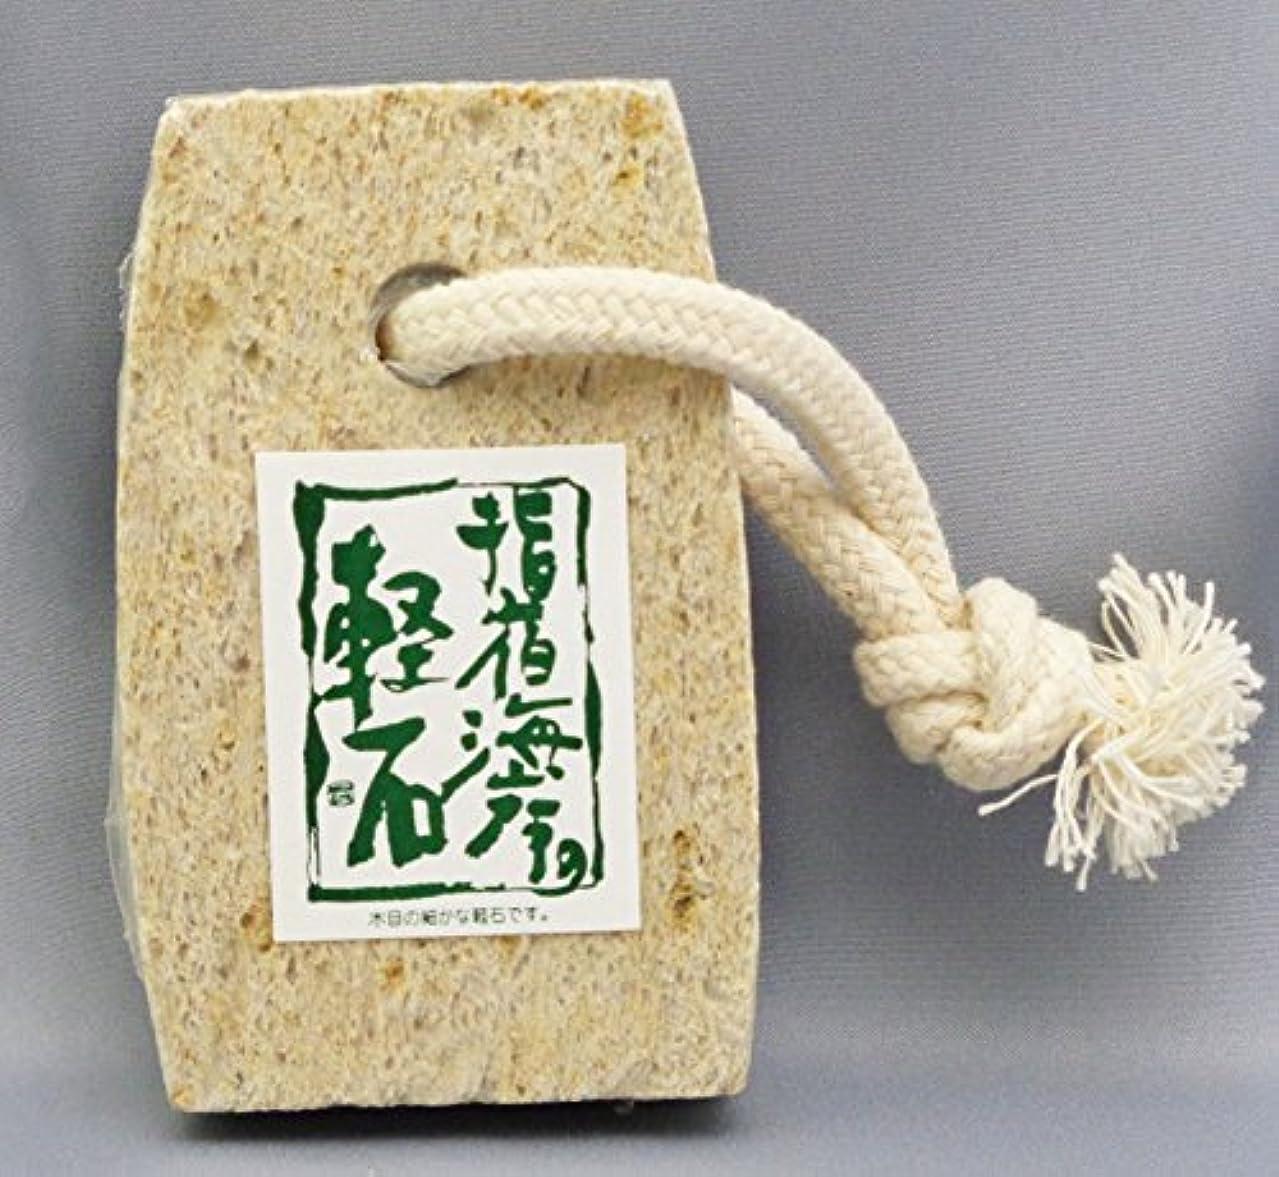 チャーター検査鹿シオザキ No.3 中判軽石 (ヒモ付き)指宿の軽石